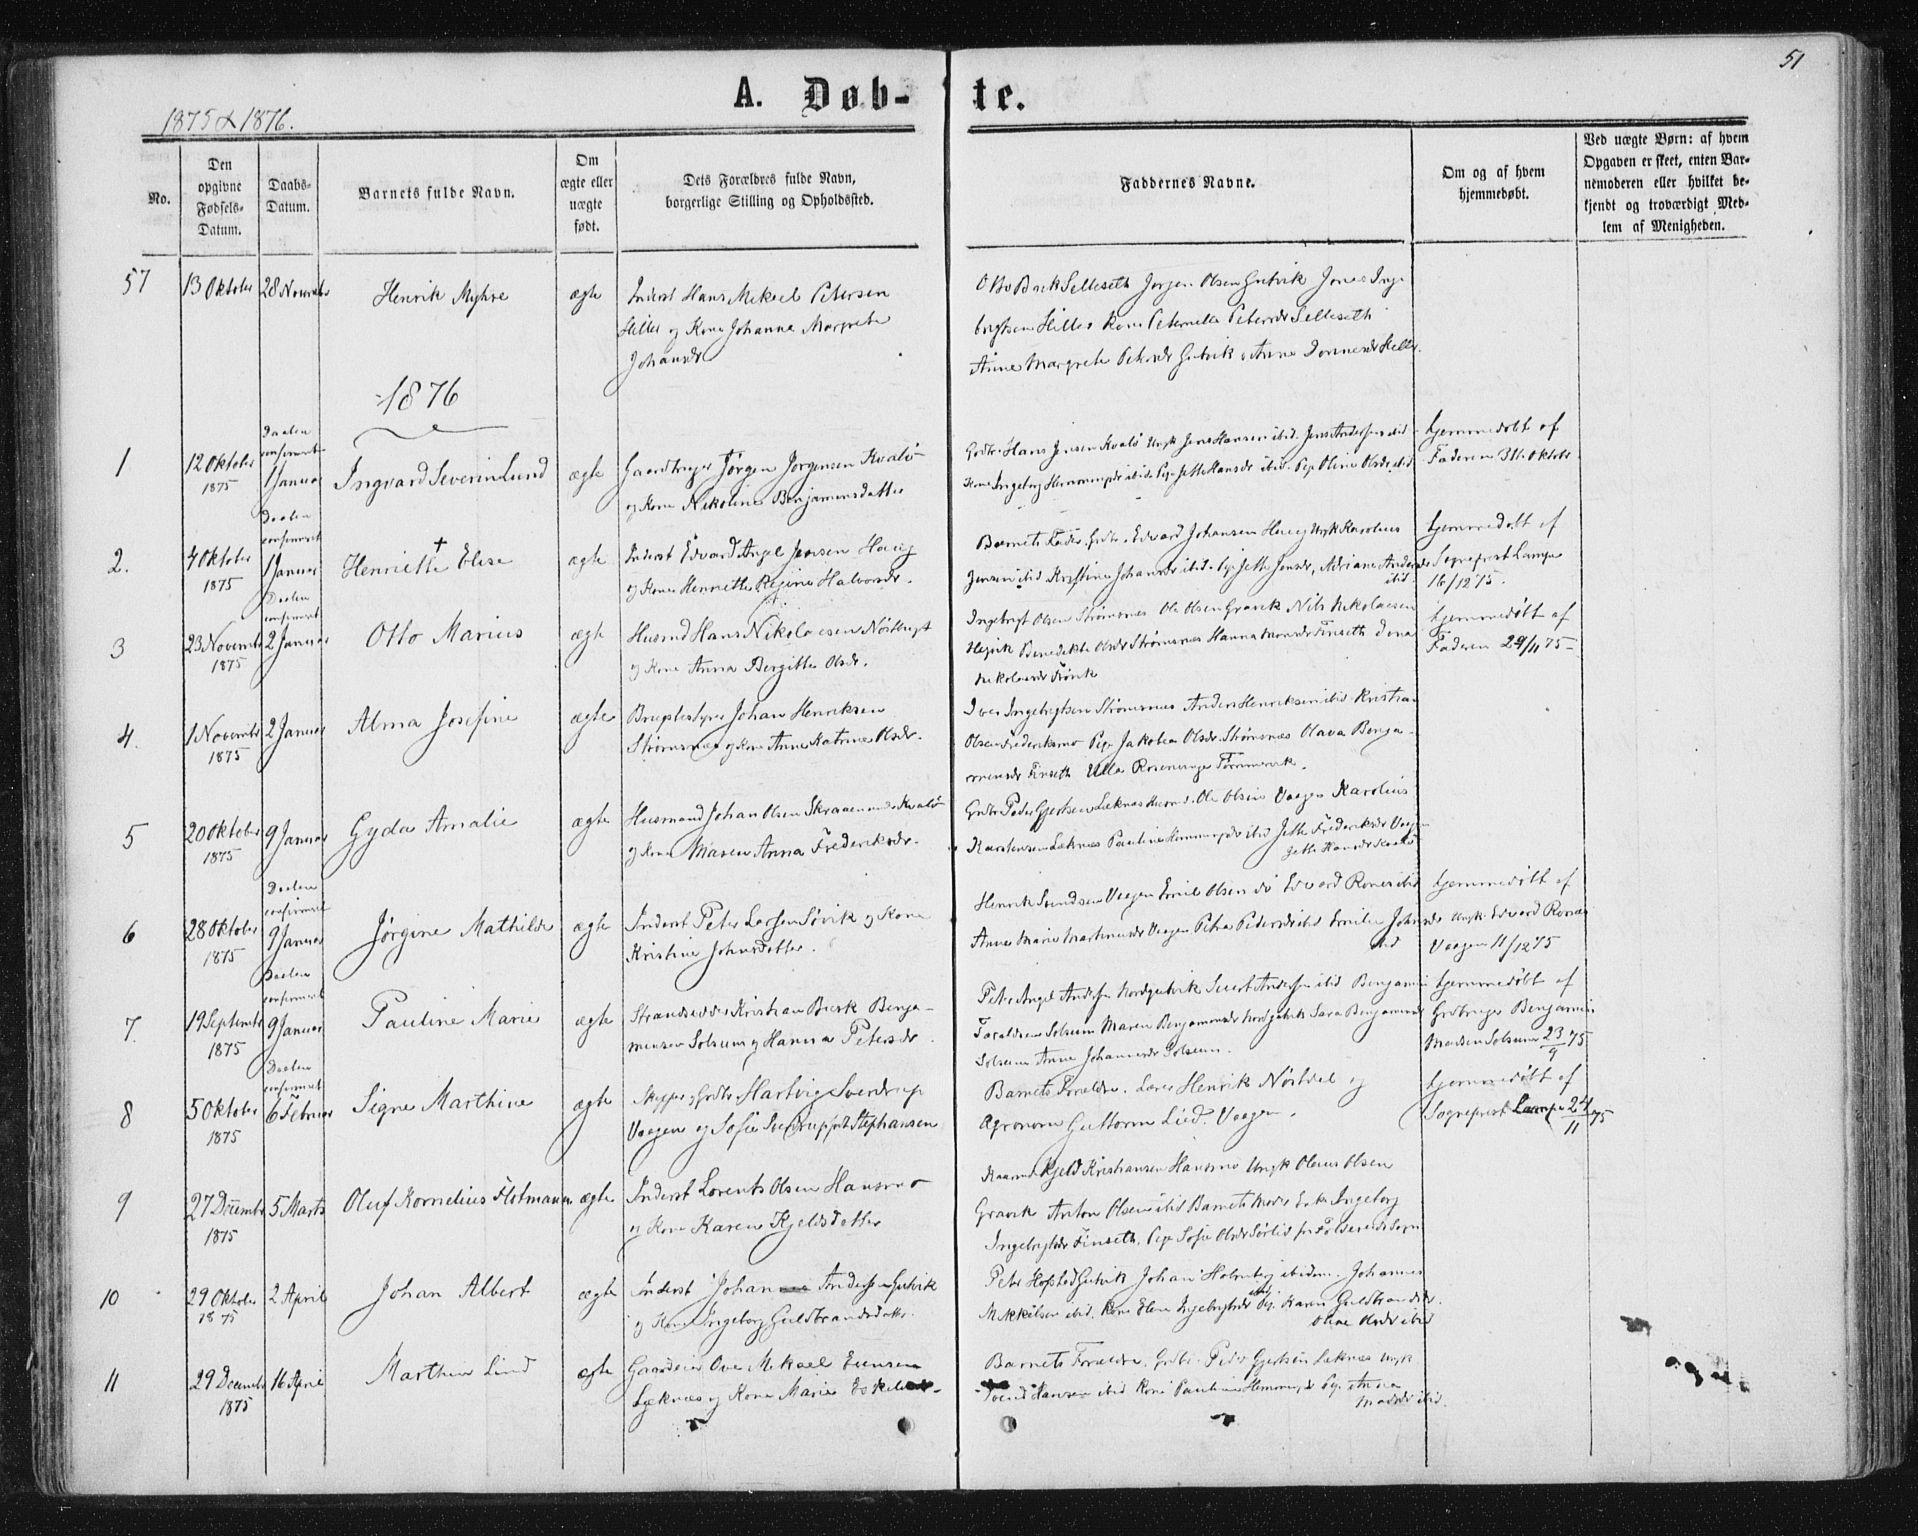 SAT, Ministerialprotokoller, klokkerbøker og fødselsregistre - Nord-Trøndelag, 788/L0696: Ministerialbok nr. 788A03, 1863-1877, s. 51